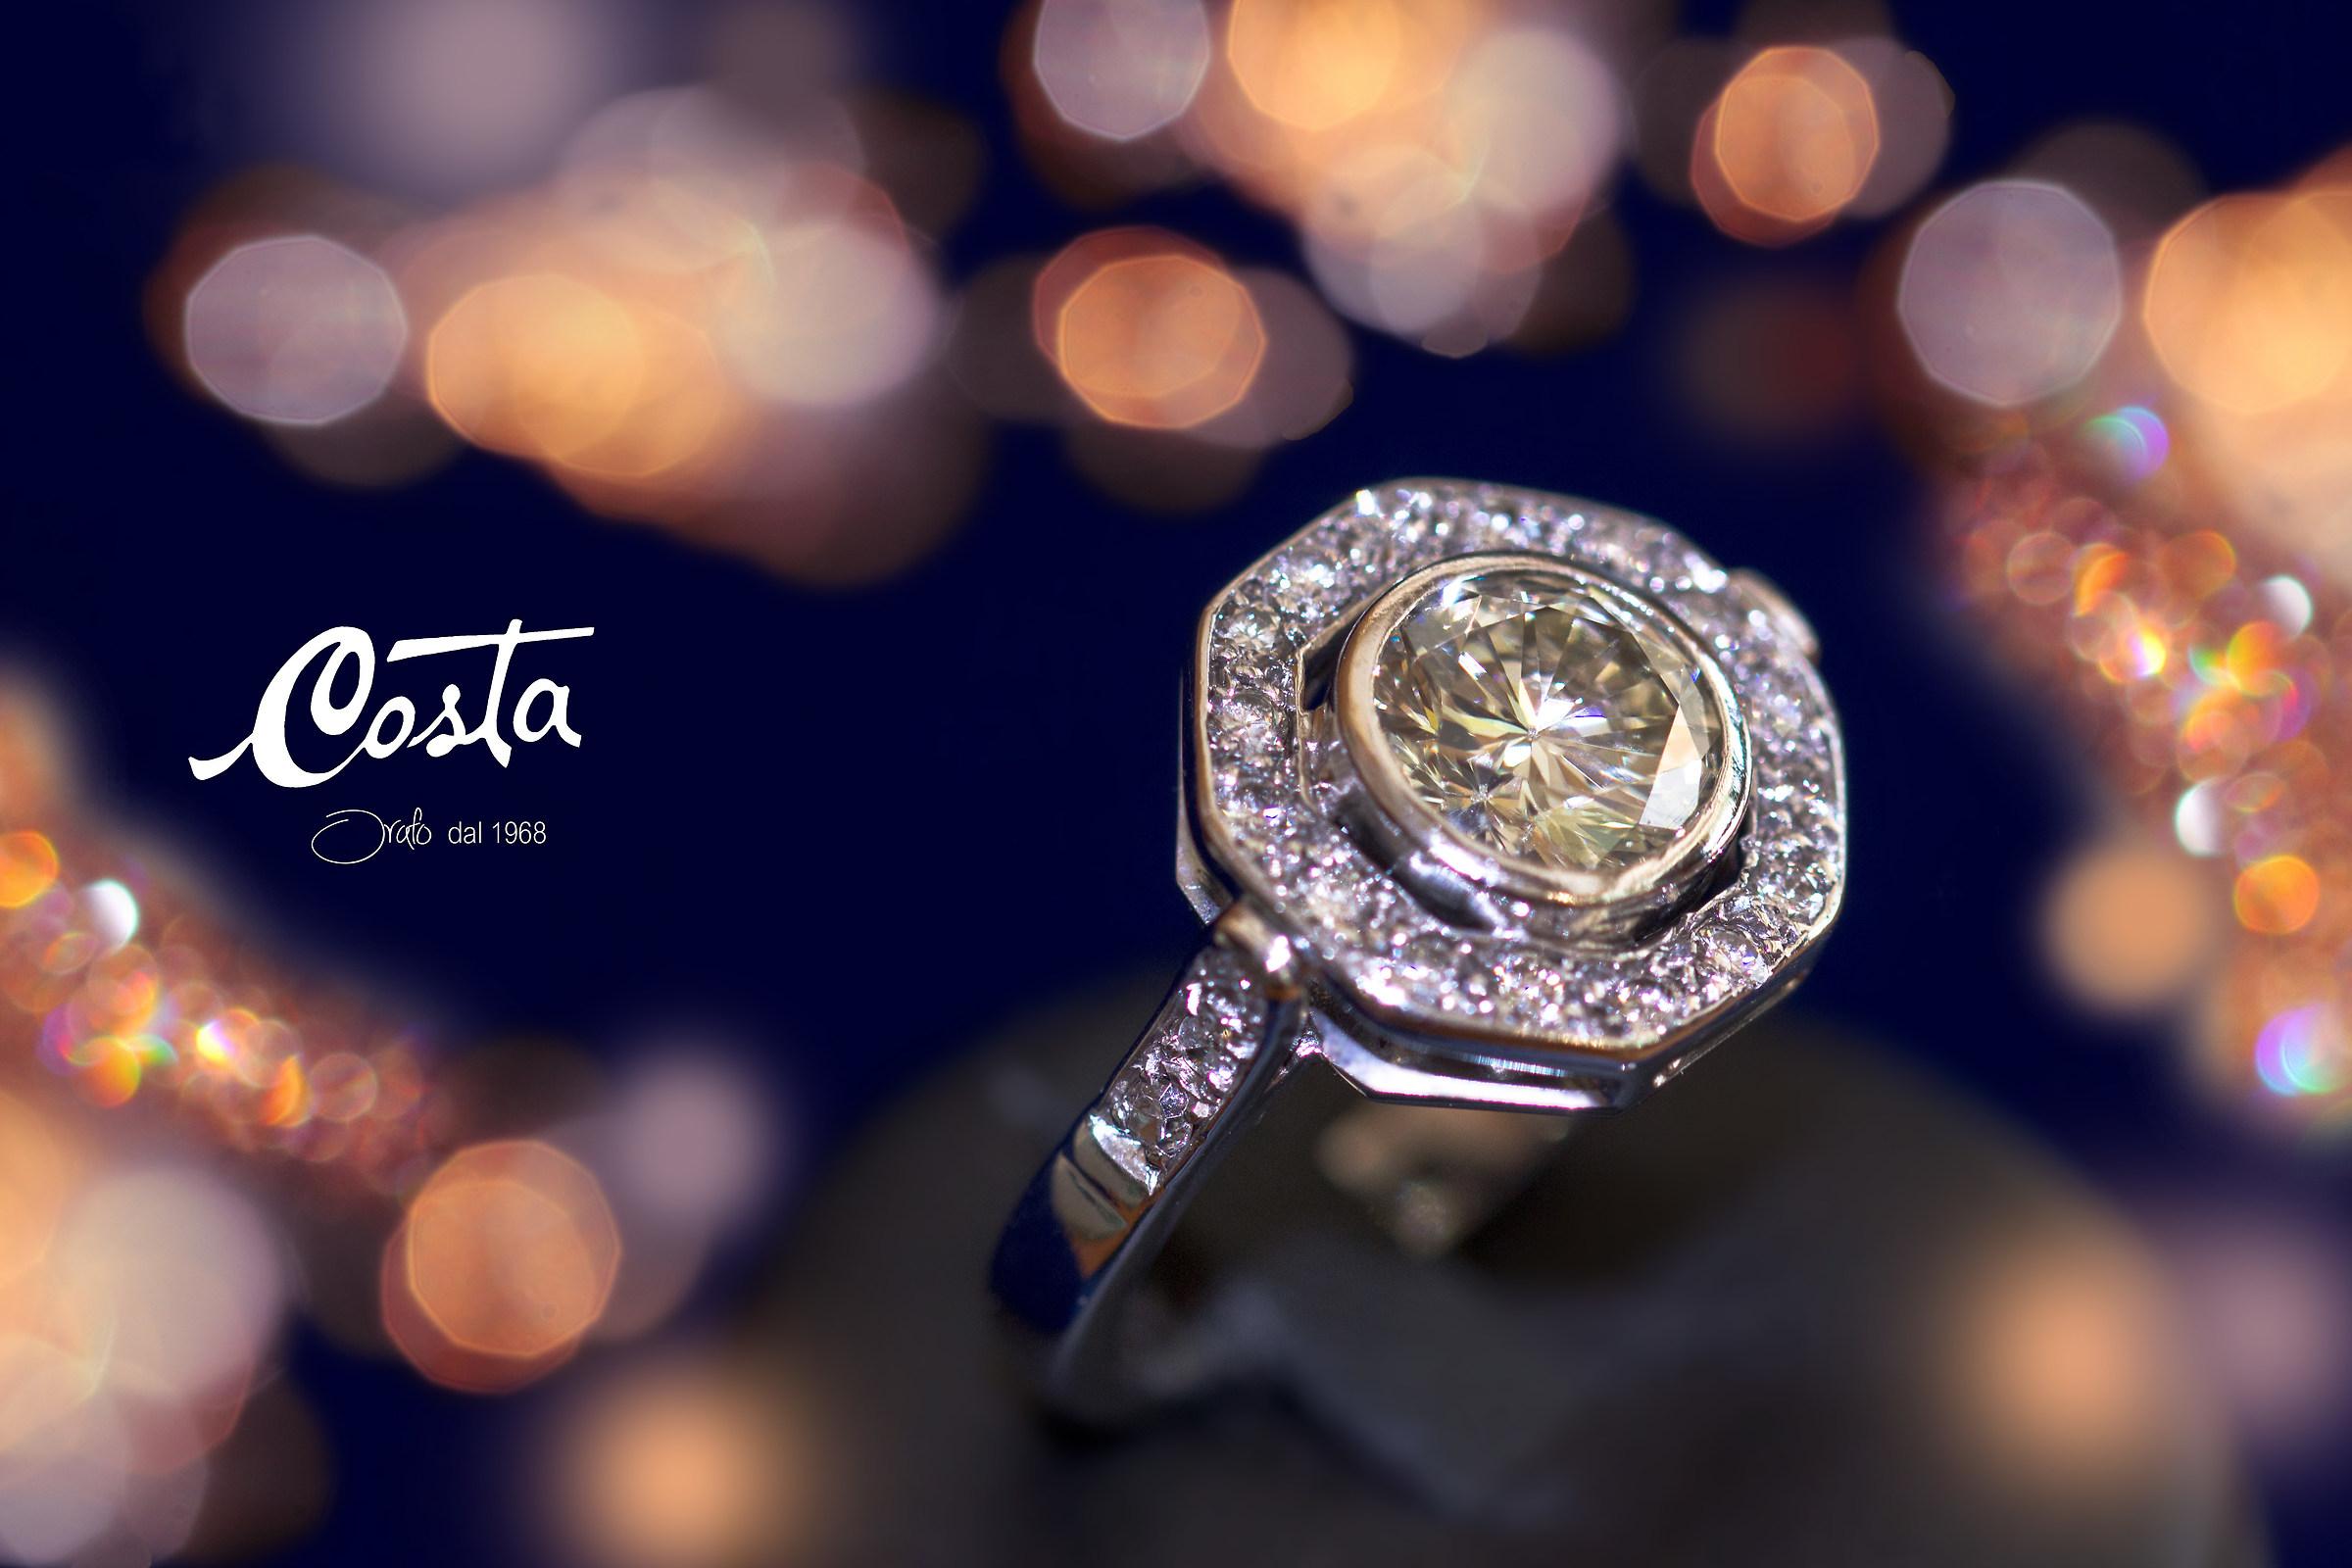 Costa jewelry...